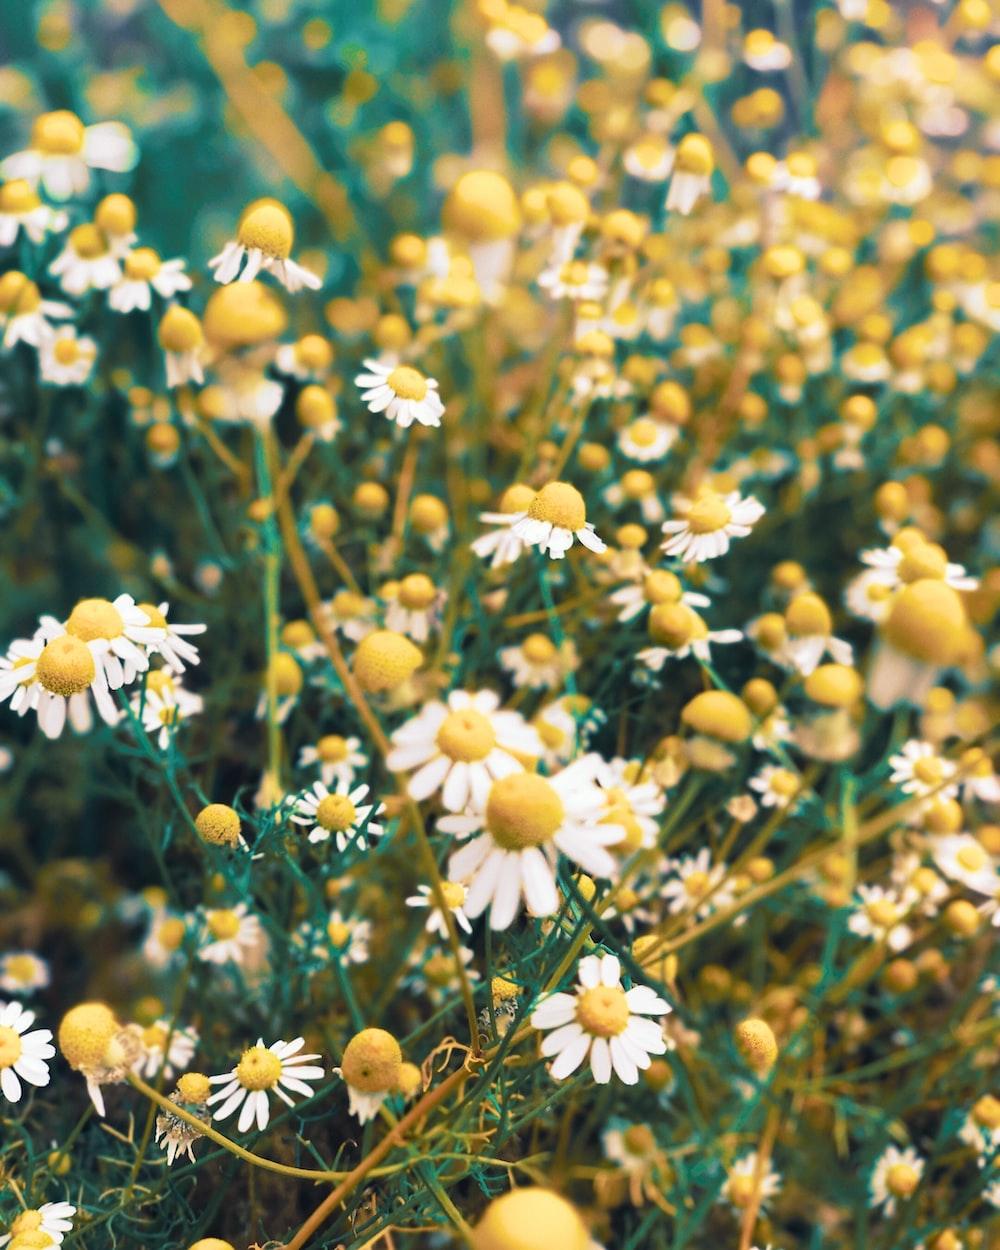 yellow and white flowers in tilt shift lens